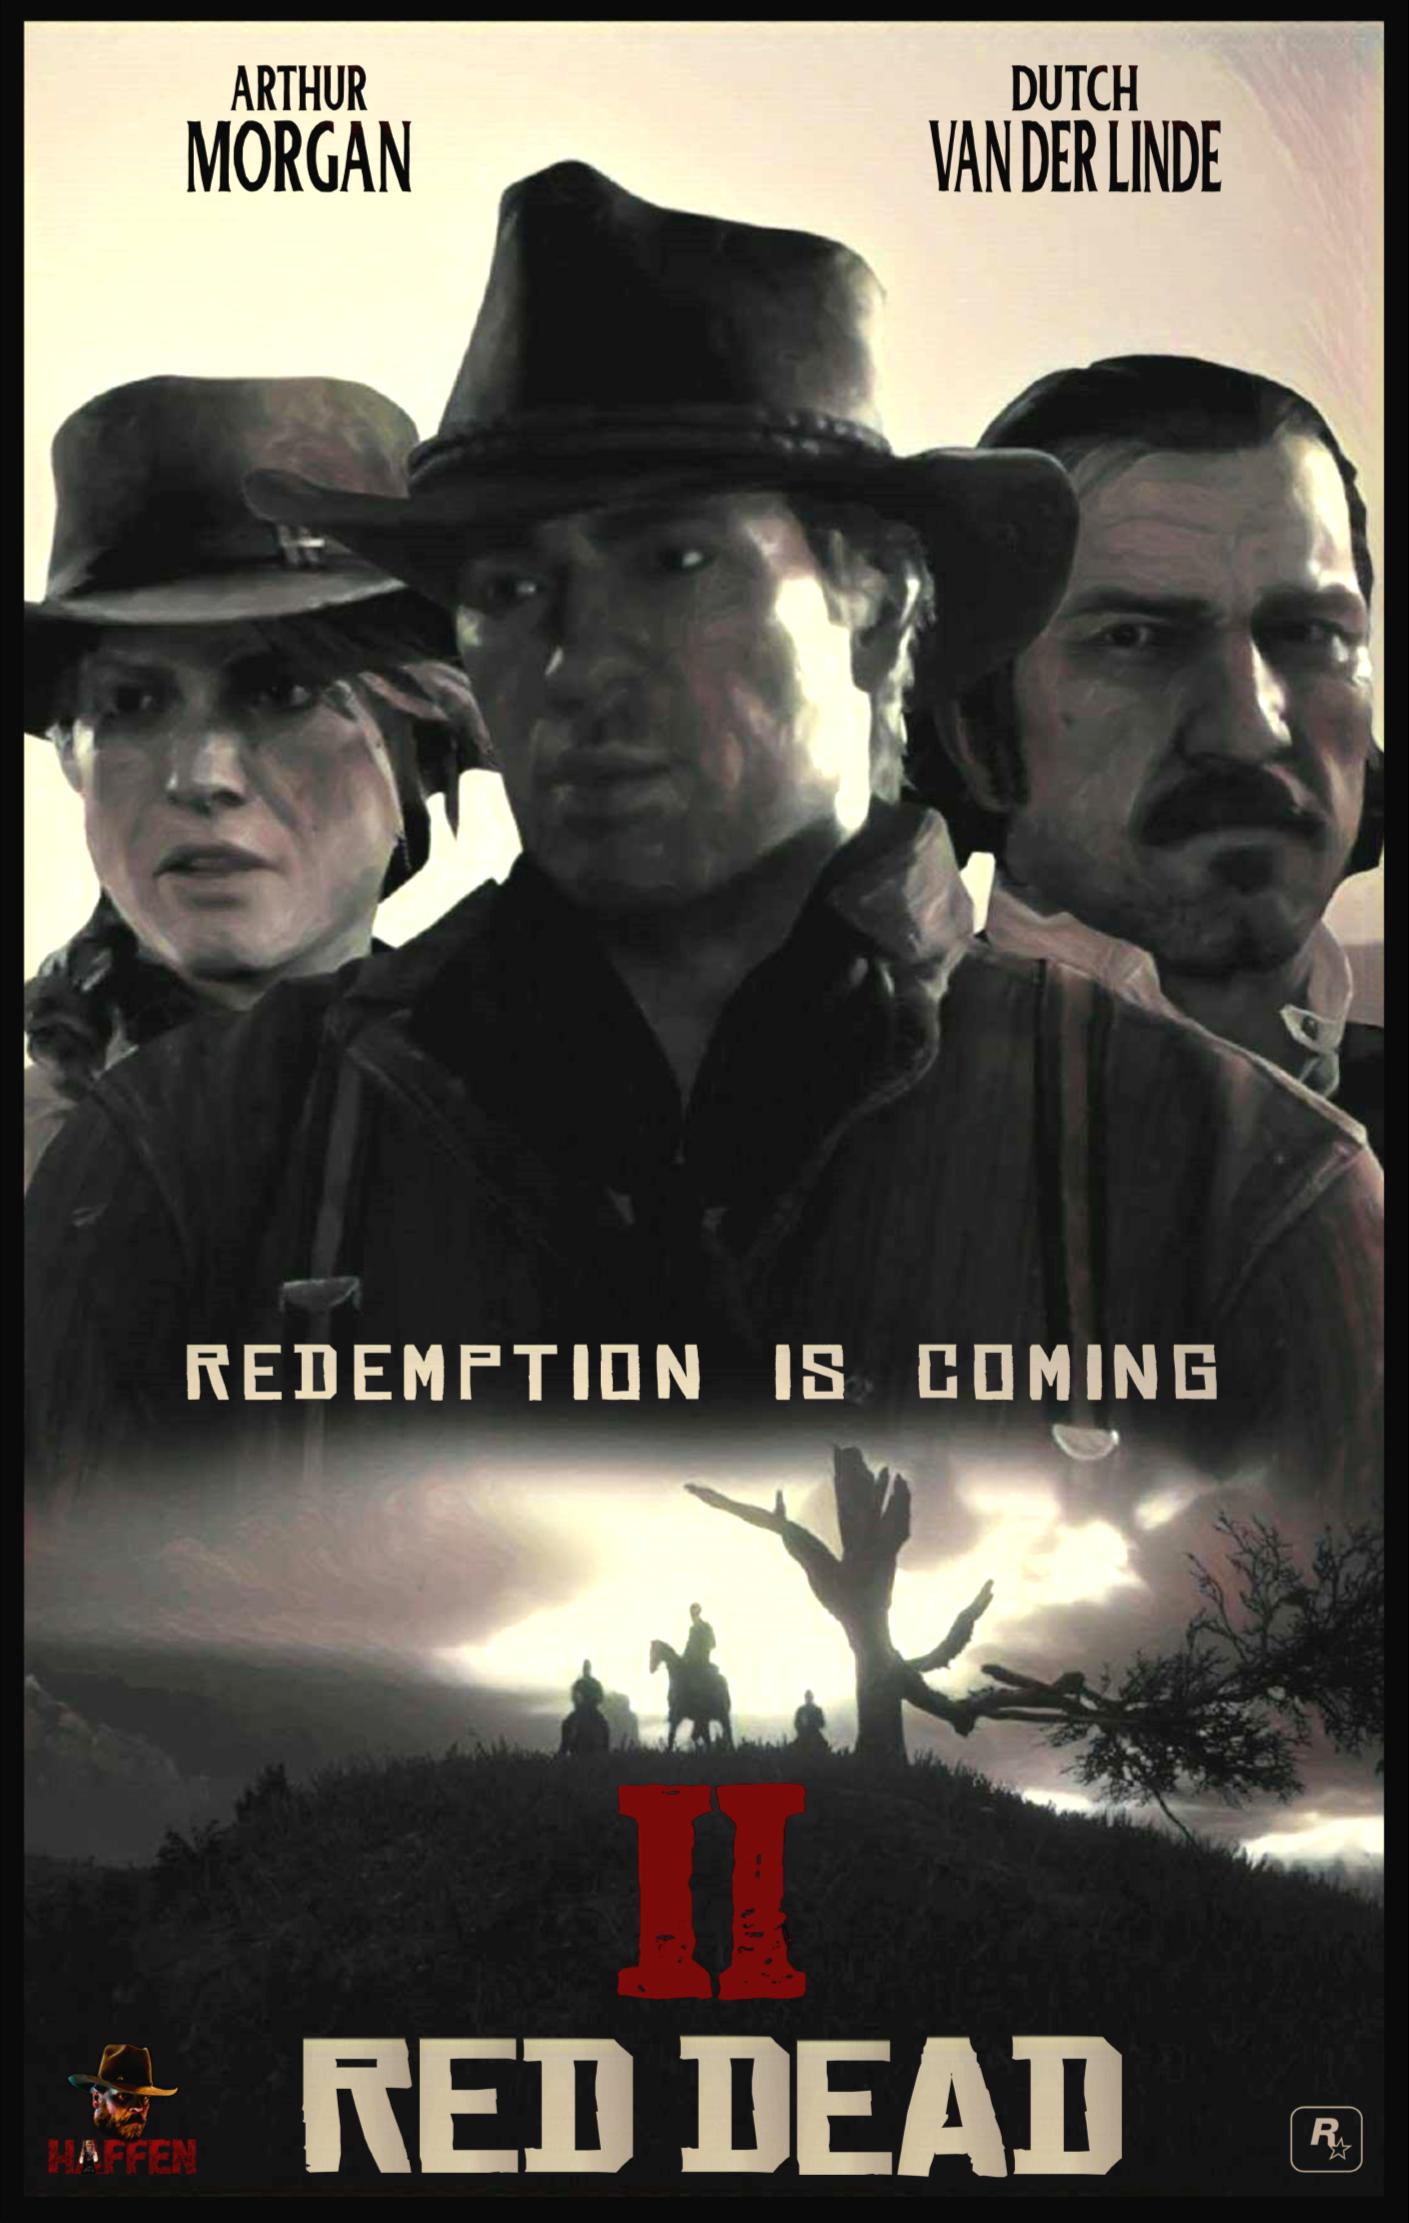 Redemption Is Coming Fan Art By Haffen Red Dead